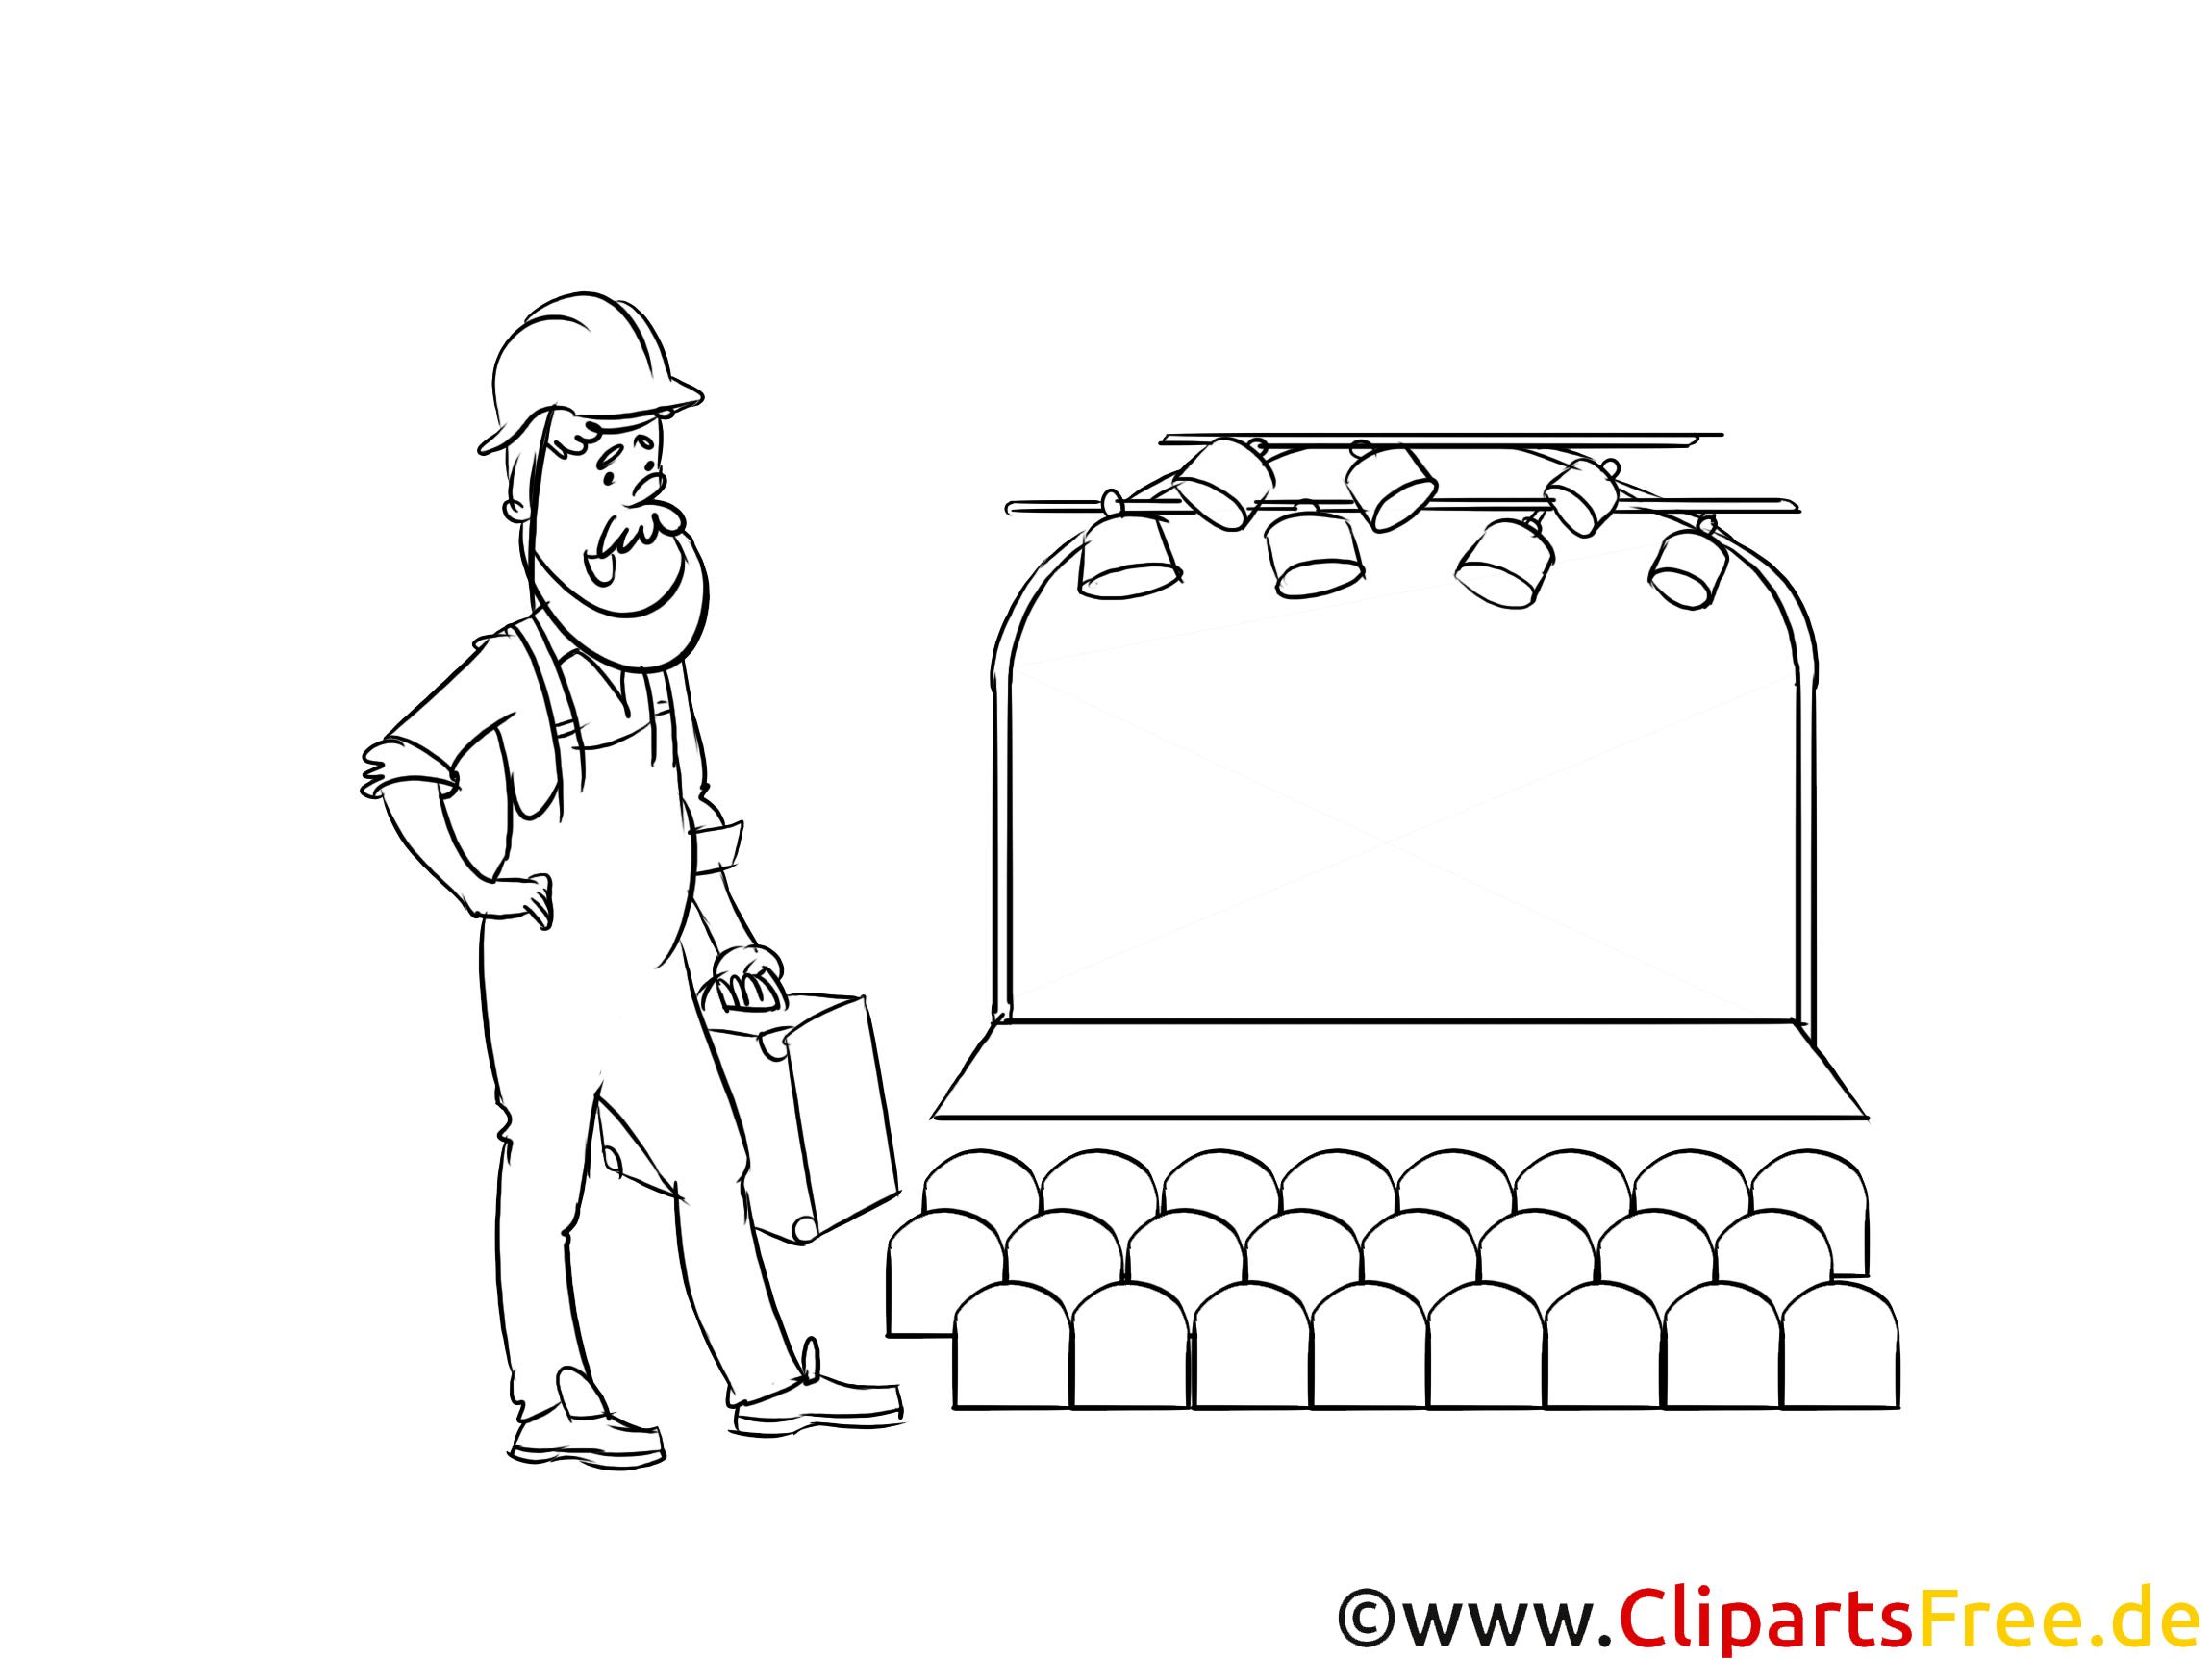 Clipart Schwarz und Weiß Fachkraft für Veranstaltungstechnik